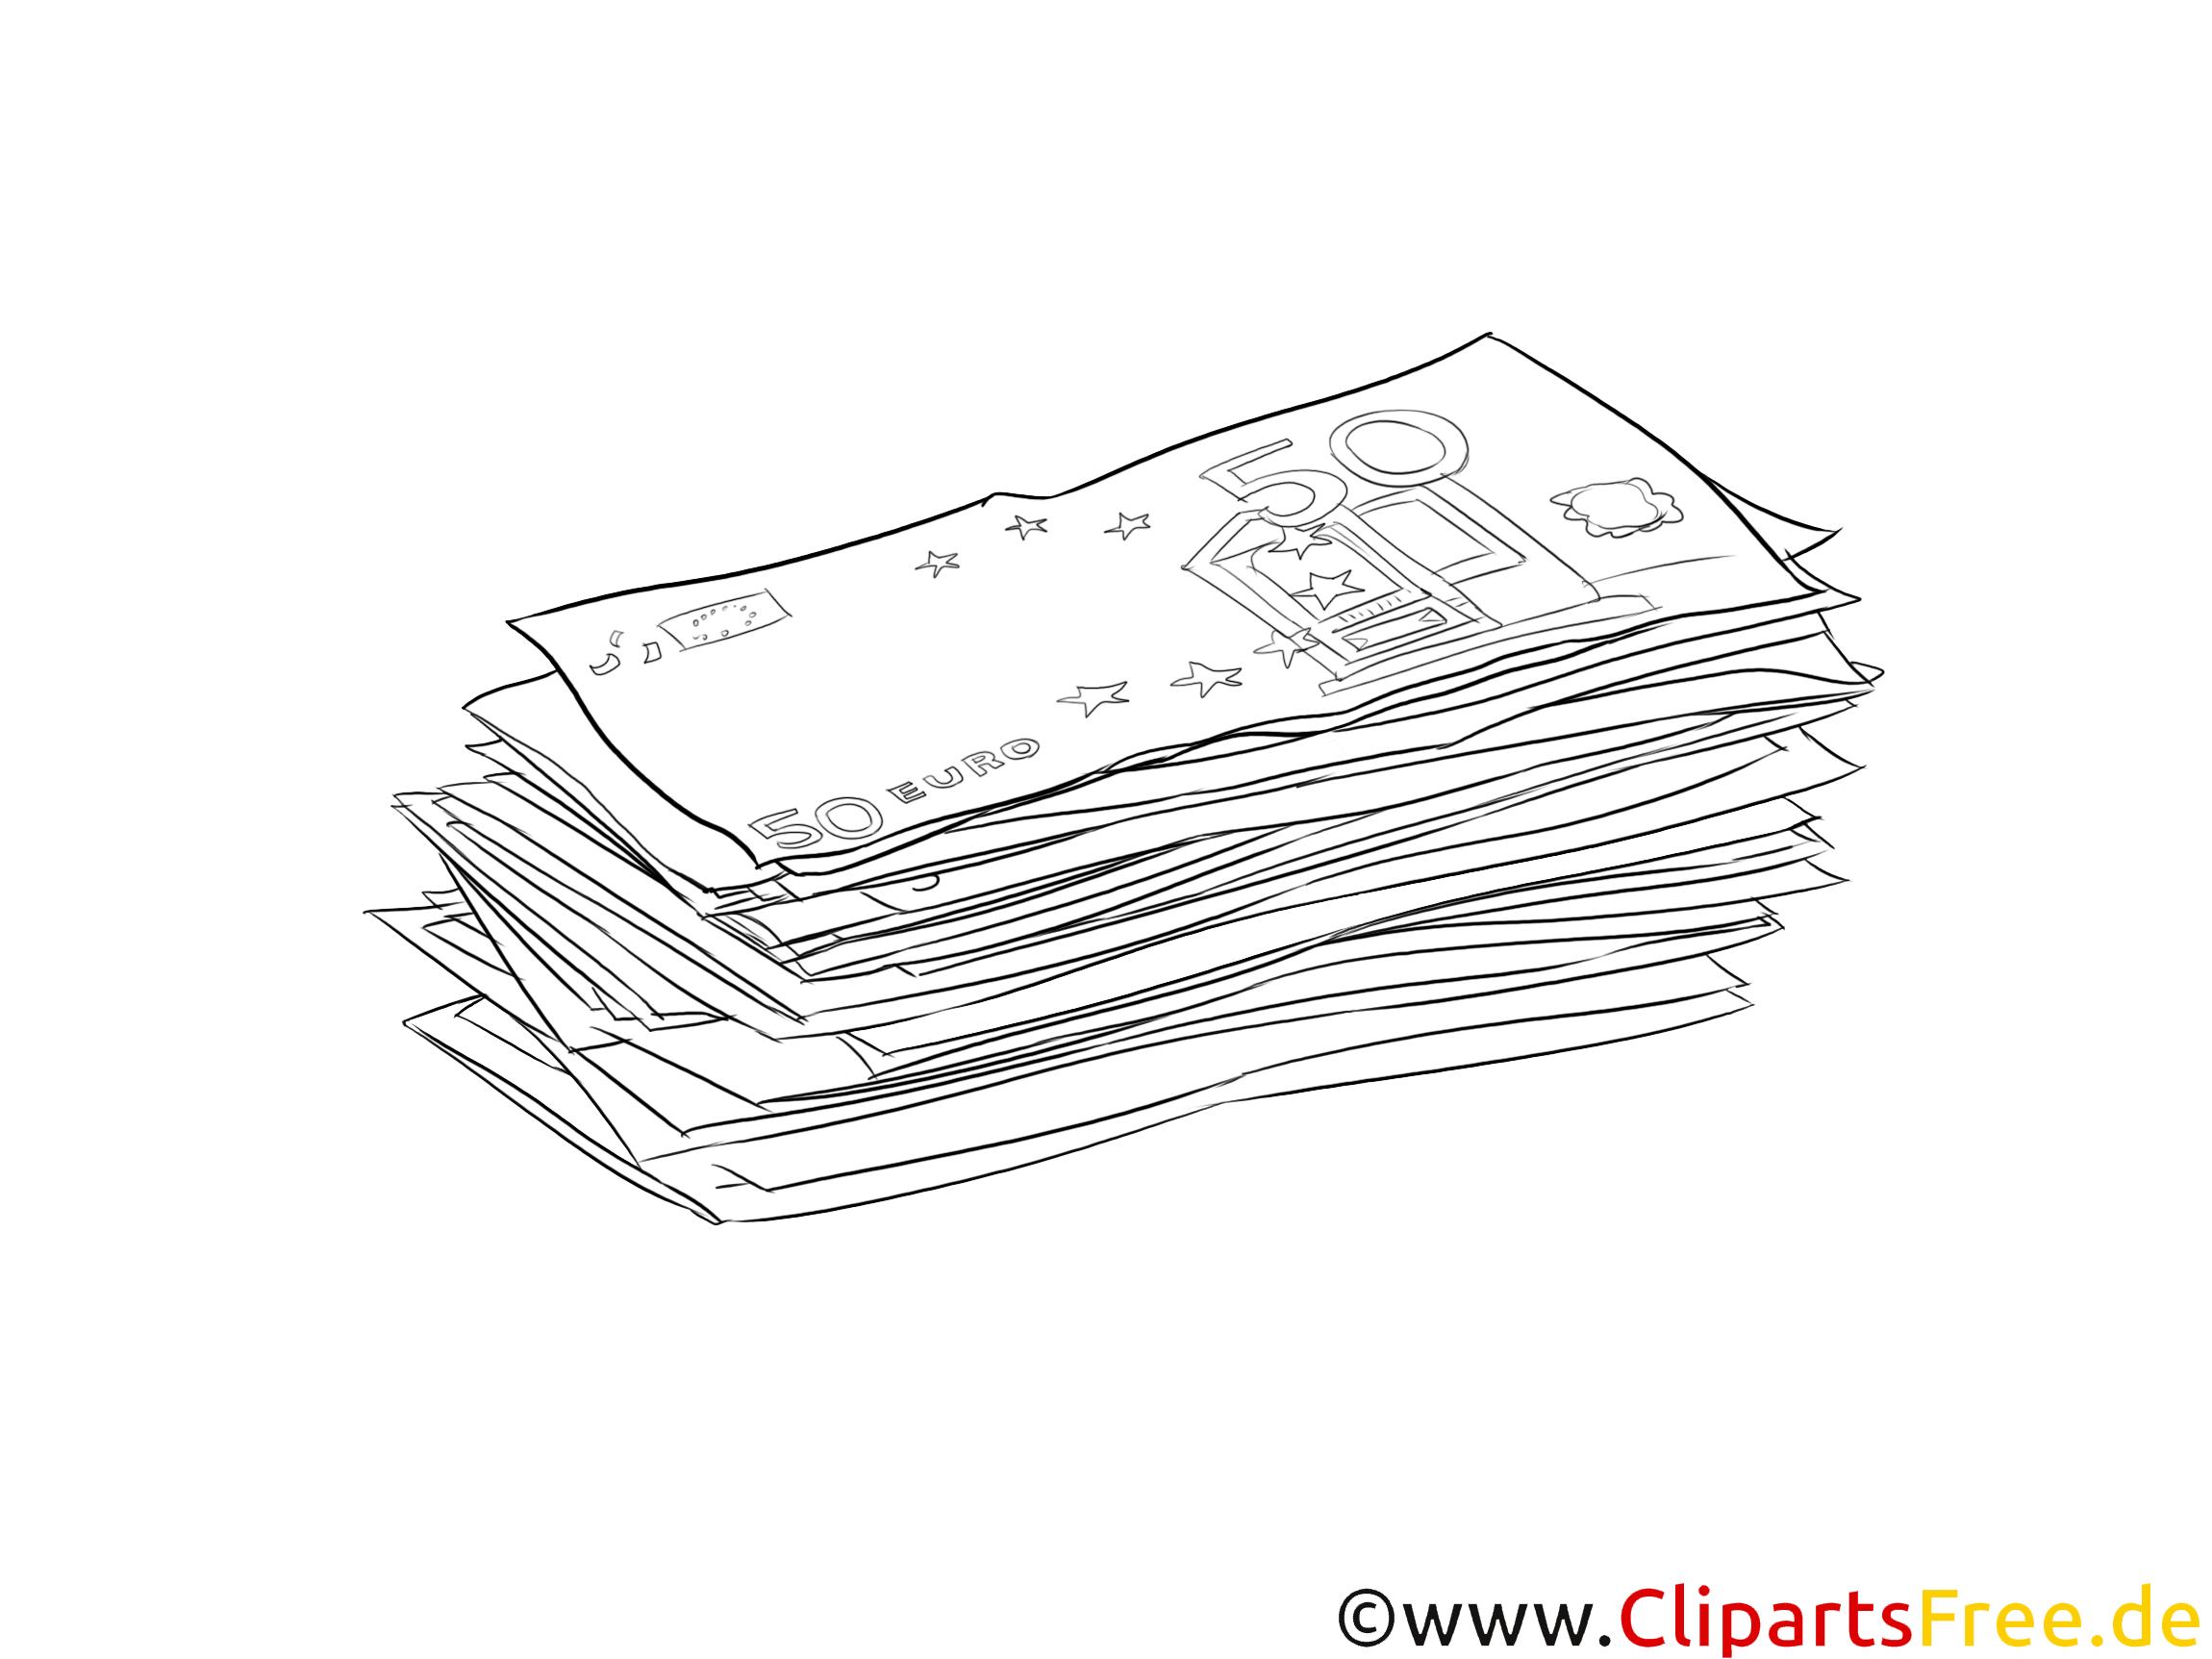 Umsatz, Einnahmen, Finanzen Clipart